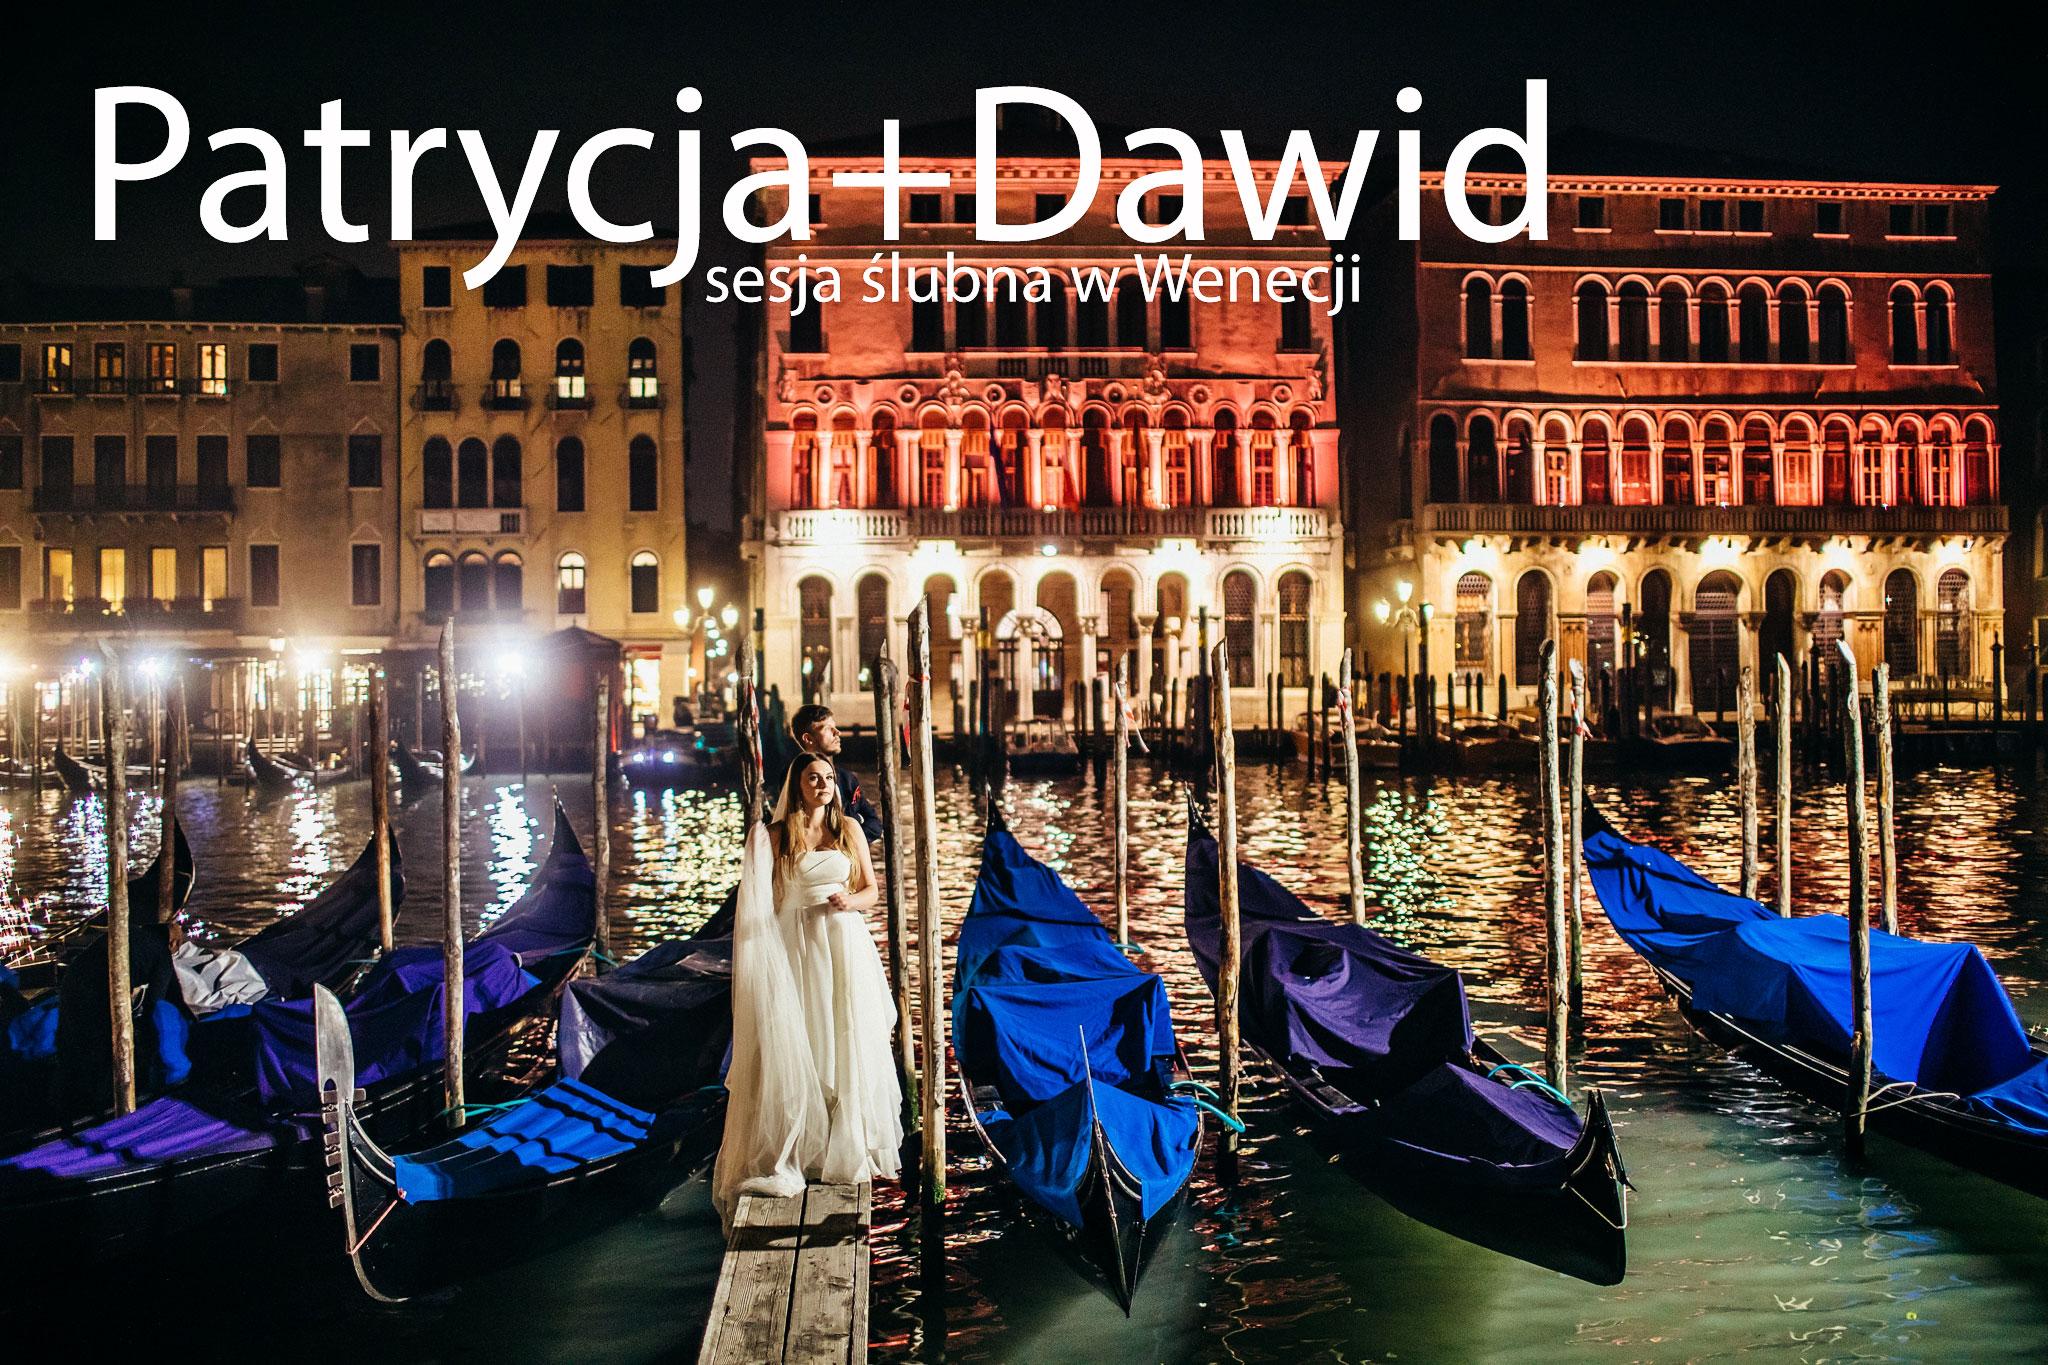 fotografia ślubna, ślub, wesele, slub, zabawa, wedding, party, okladka1 Patrycja+Dawid i sesja portretowa w Wenecji